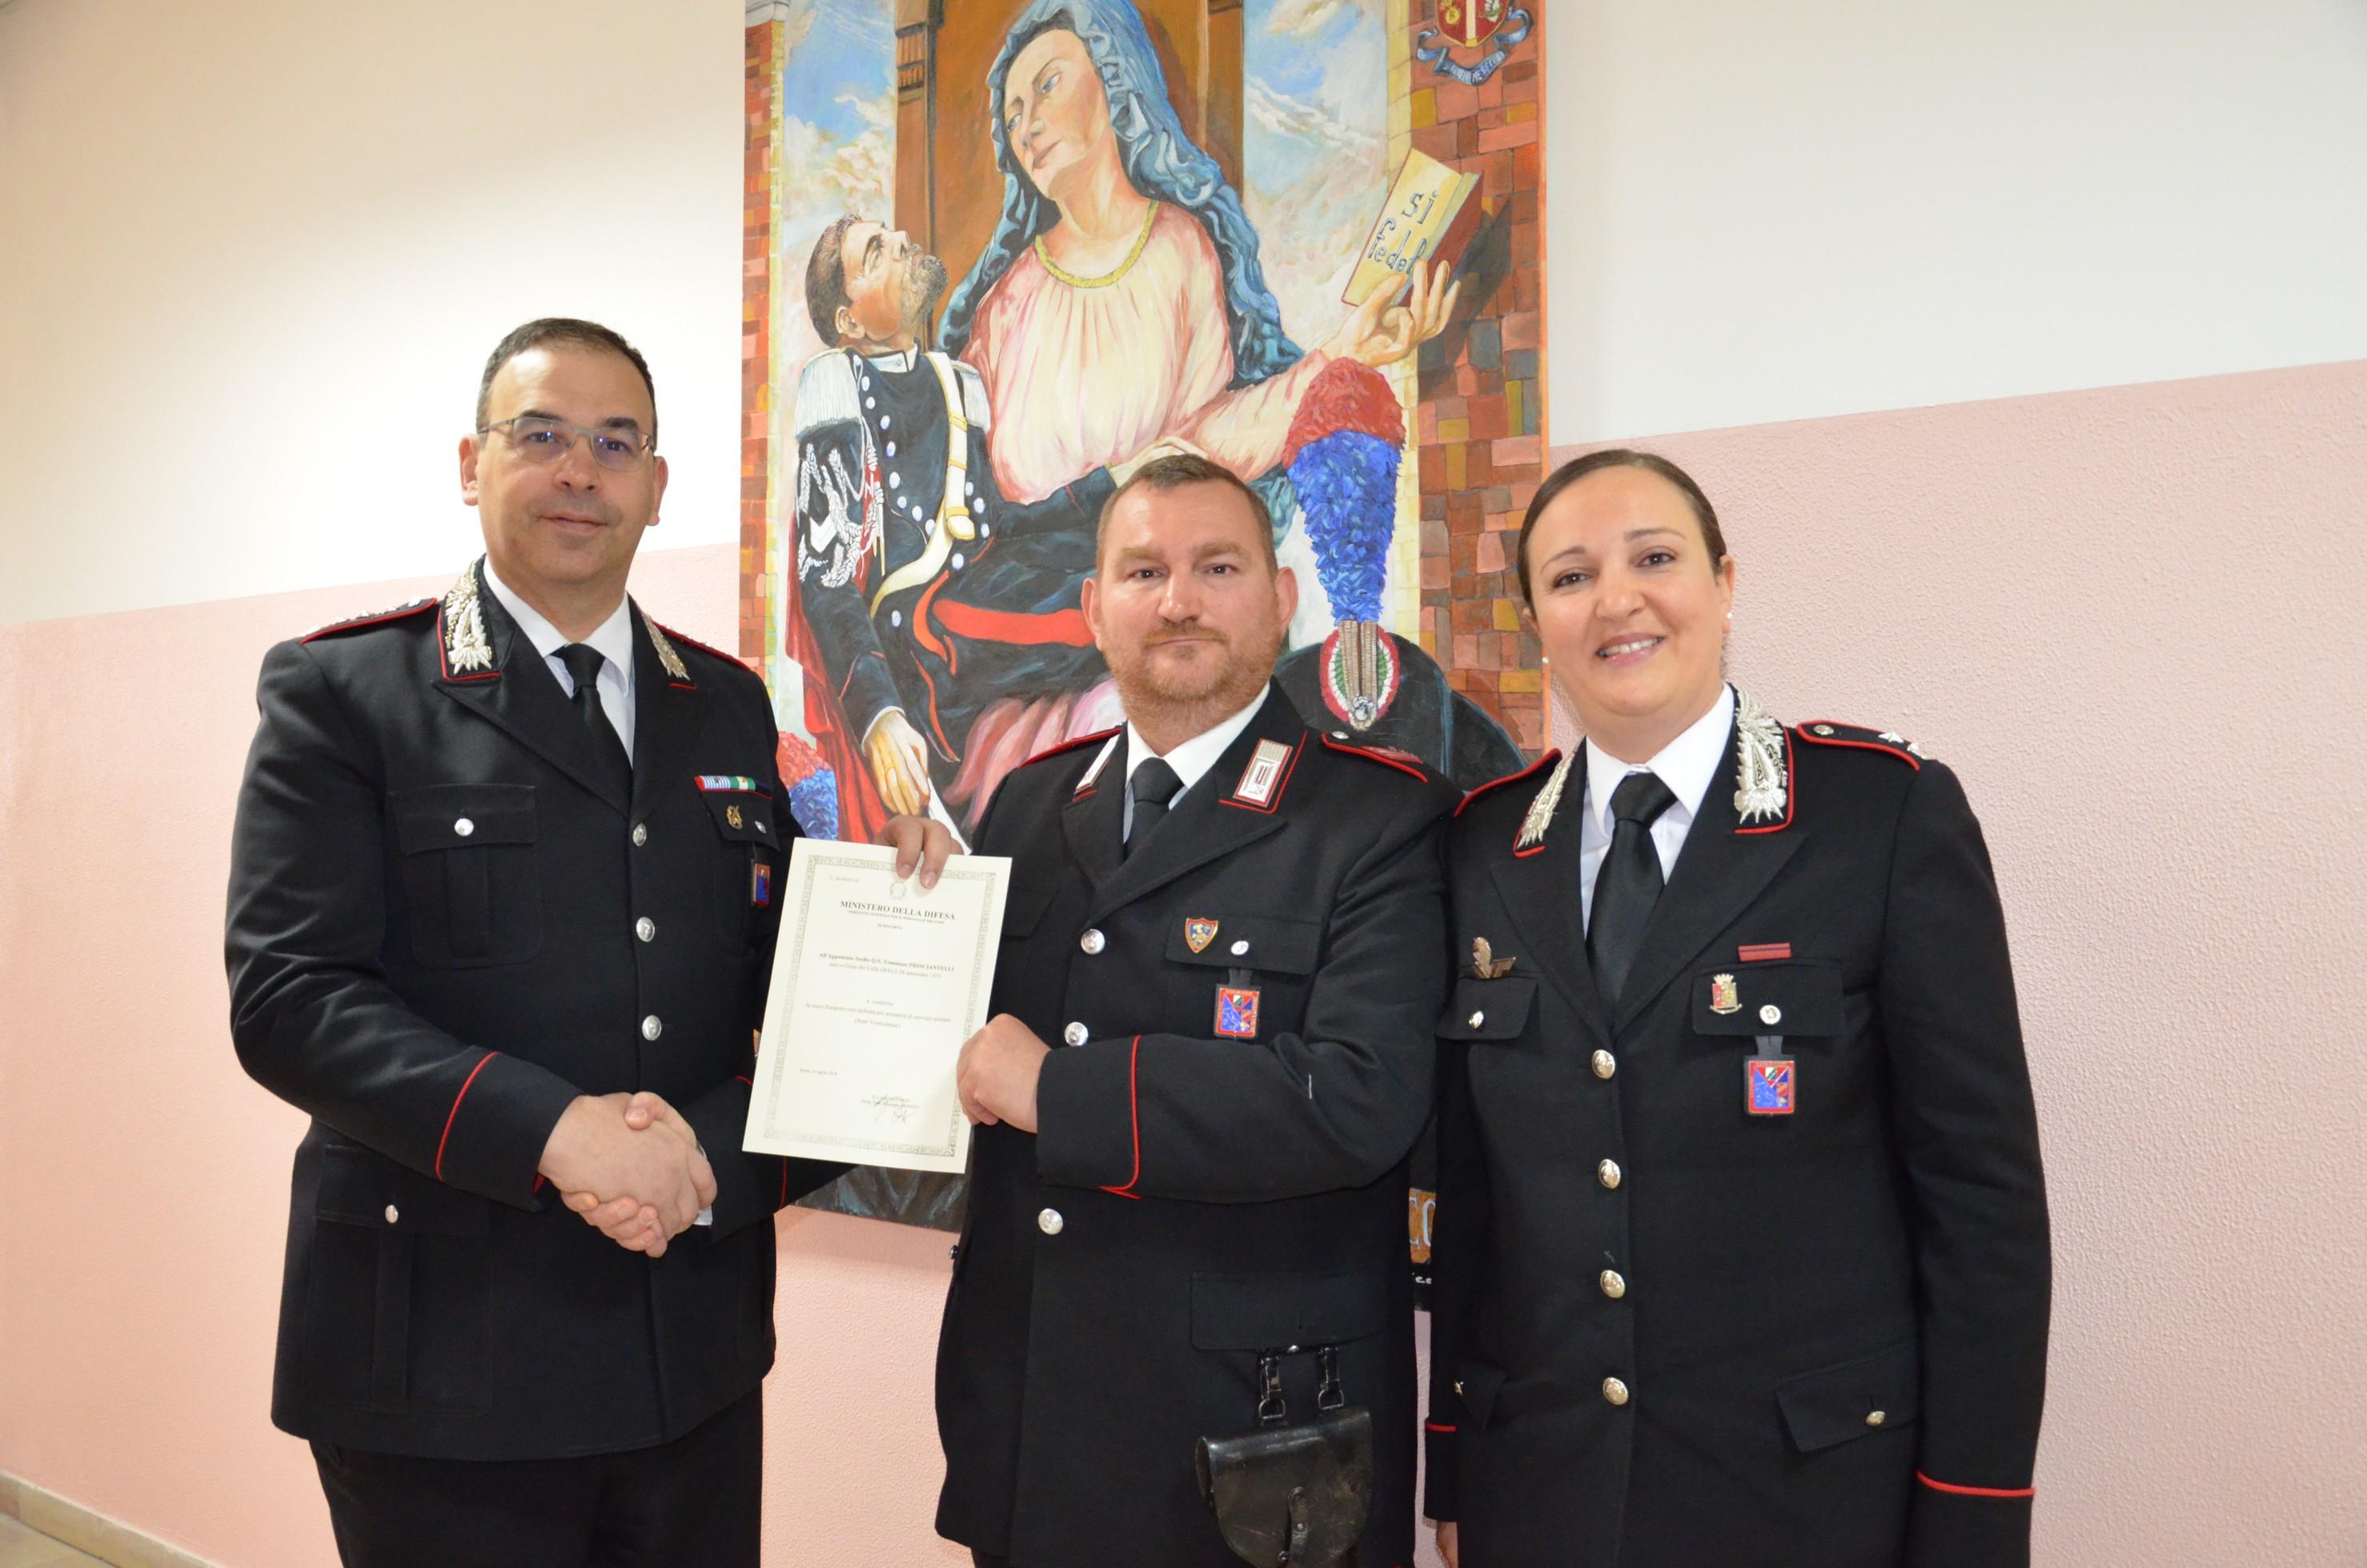 Qualità professionali, militari e morali. Il Ministero omaggia i migliori dell'Arma